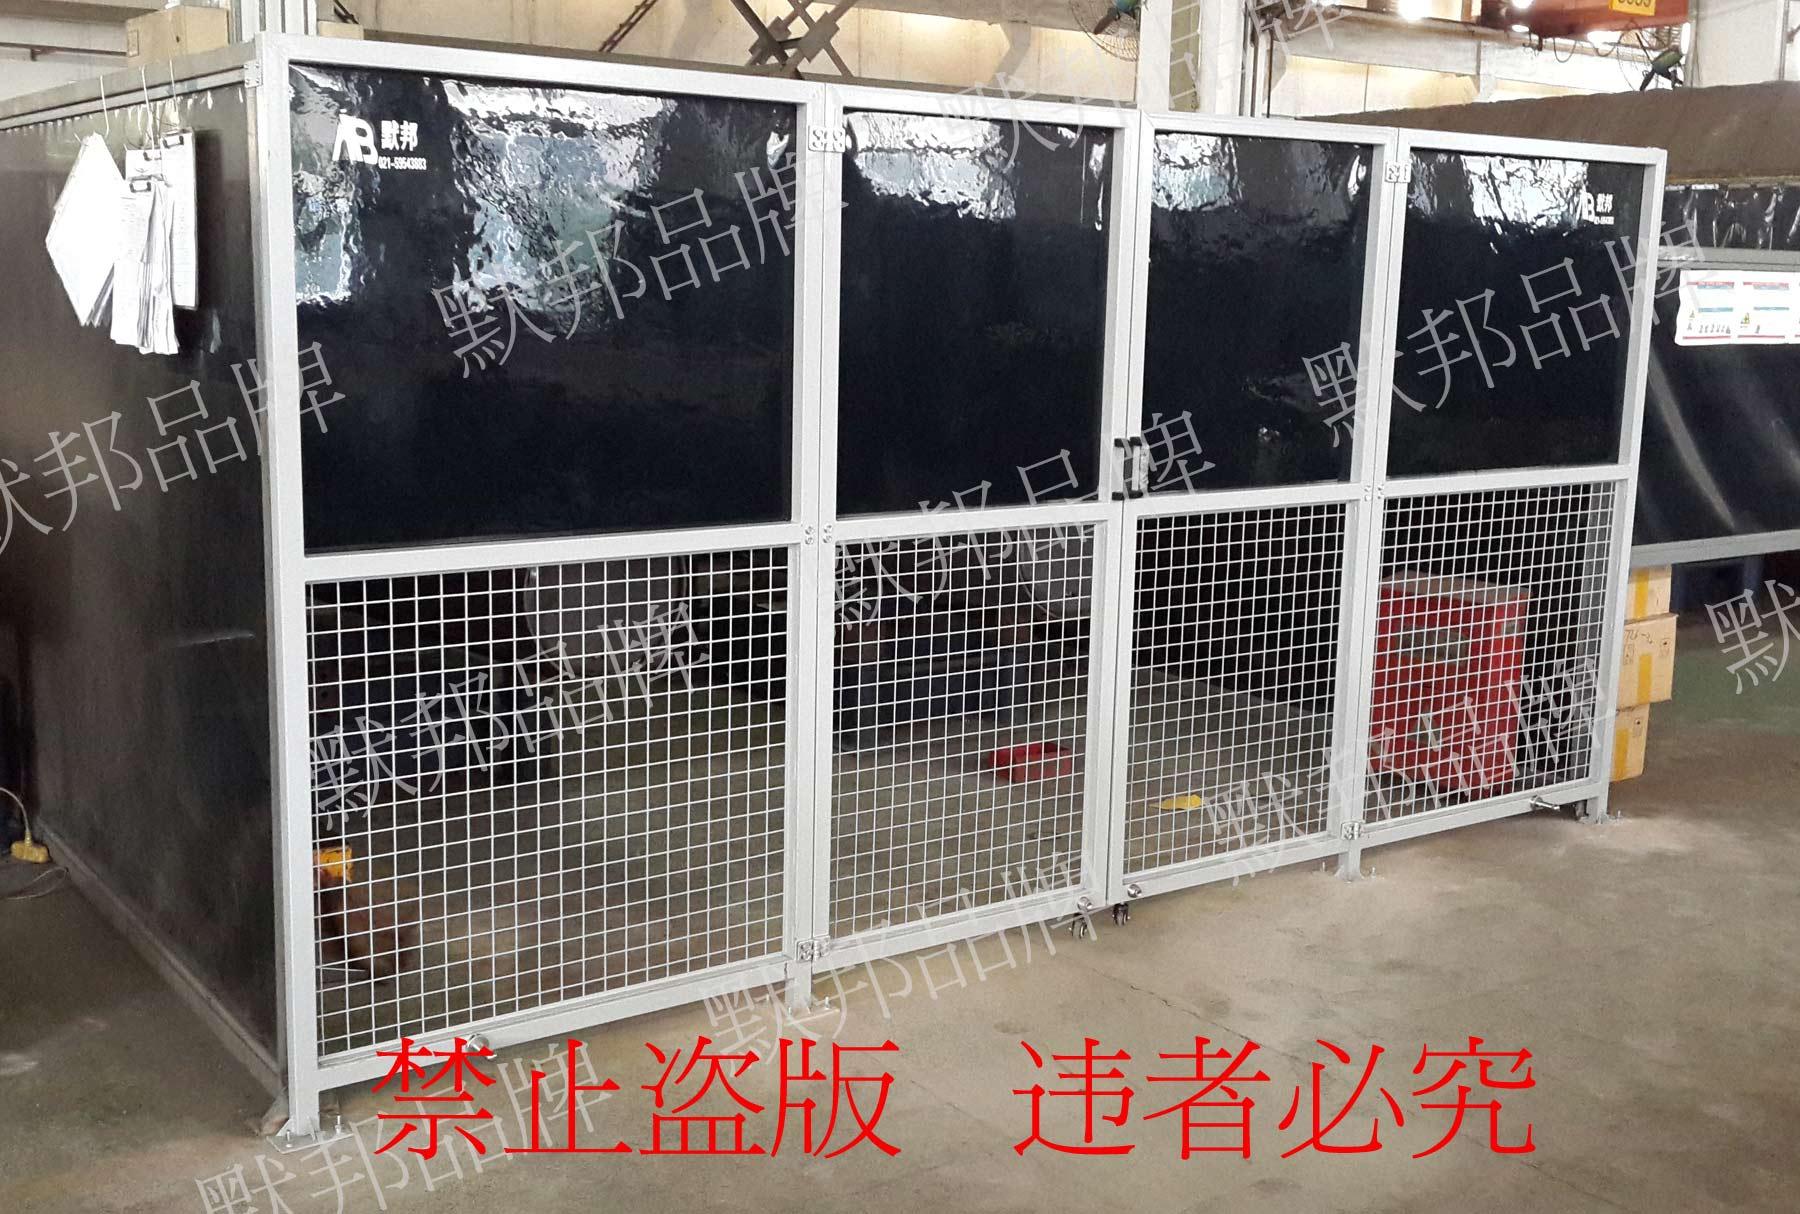 材料是不易燃烧的, 符合等级 1, DIN 53 438 T2 标准 材料:加入阻燃成分的乙烯基,接口和锁边用kavlar防火线(限0.4mm厚度),可以防止低温状态下,压烫开裂的情况(精客户验证,使用热合机或者高周波融合的防护屏使用温度低容易脱焊)。 厚度:常规厚度是0.4MM、1MM、2MM(红色、黄色、墨绿色)3MM有机板(刚性保护屏茶色、红色、深黑色)等 设计: 一、防护屏移动式:屏风四周折边打孔,每30CM打一个金属吊环孔,免费提供尼龙扎带,固定在横杆上或框架上,框架下方配有移动滑轮,可任意移动